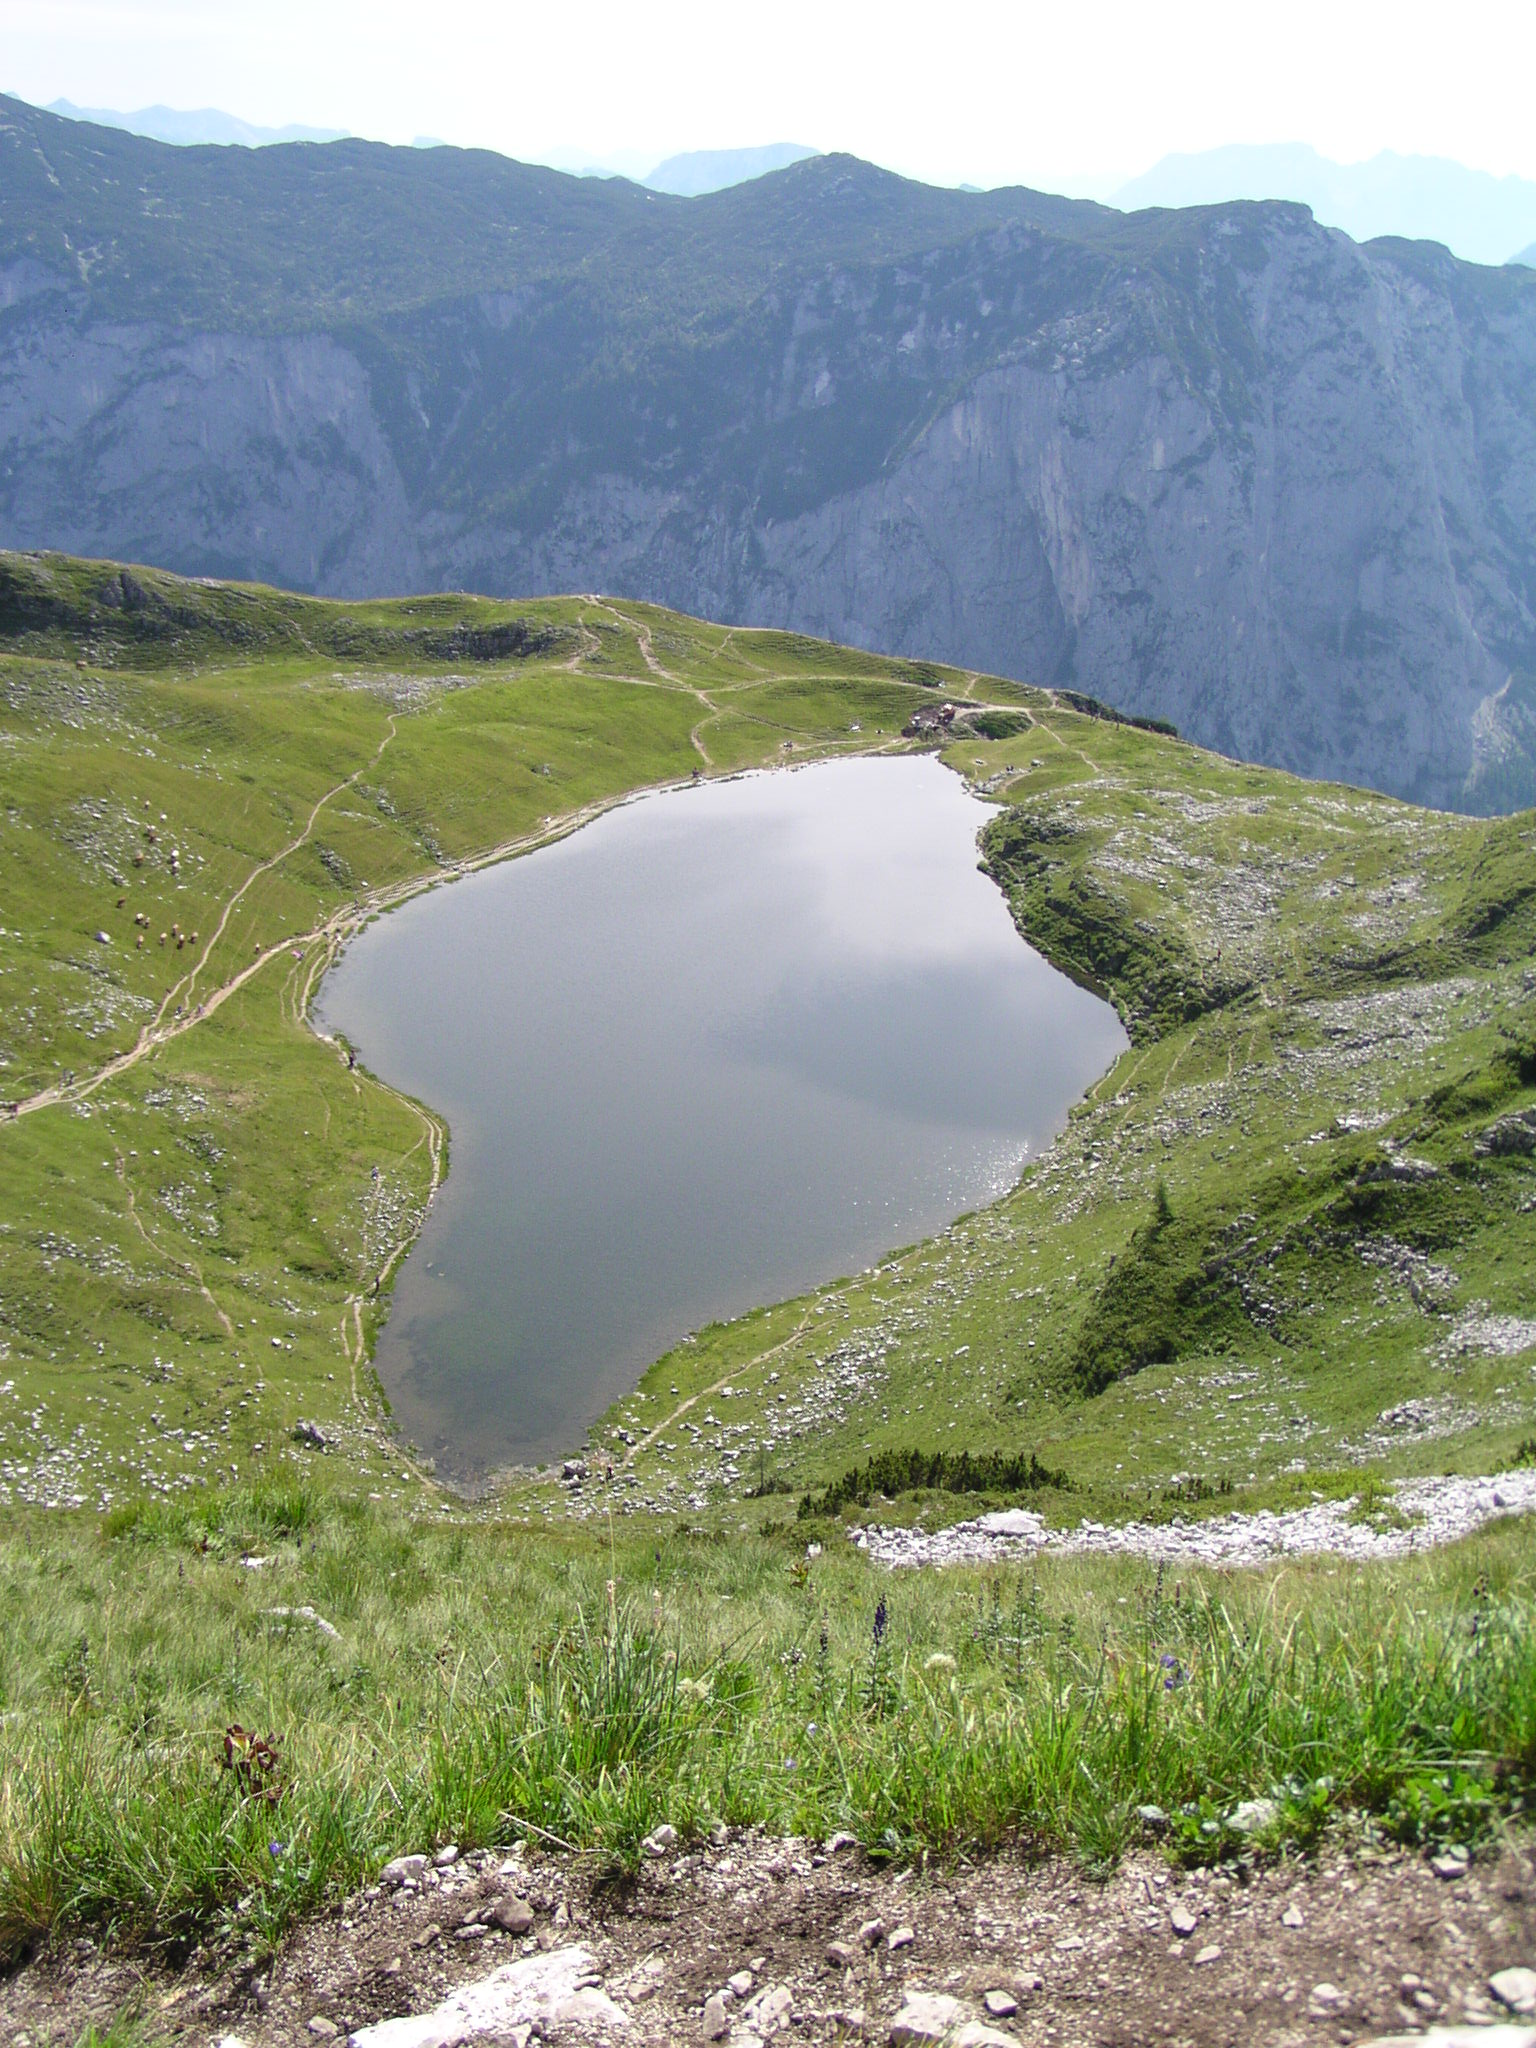 Der Augstsee in der österreichischen Steiermark ist ein Beispiel für einen Karsee. Hier formte einst ein Gletscher eine Mulde in den Fels. Als der Gletscher verschwand, entstand in der Mulde ein See vor der steil abfallenden Felskante. Bild: Wikimedia commons / Christian Jansky